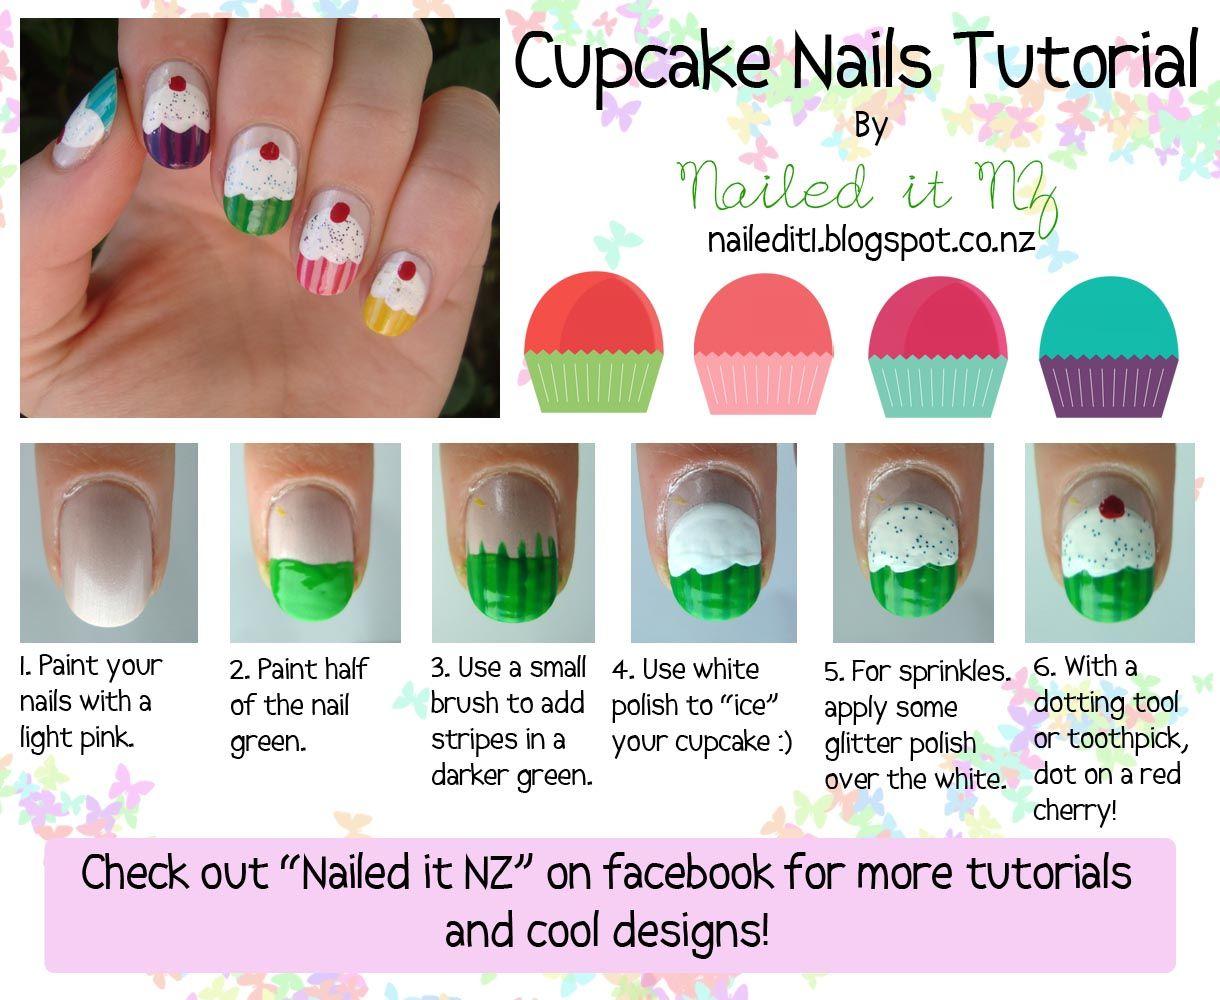 Nailed it nz nail art for short nails 6 cupcake nails http so cute nailed it nz nail art for short nails cupcake nails prinsesfo Choice Image